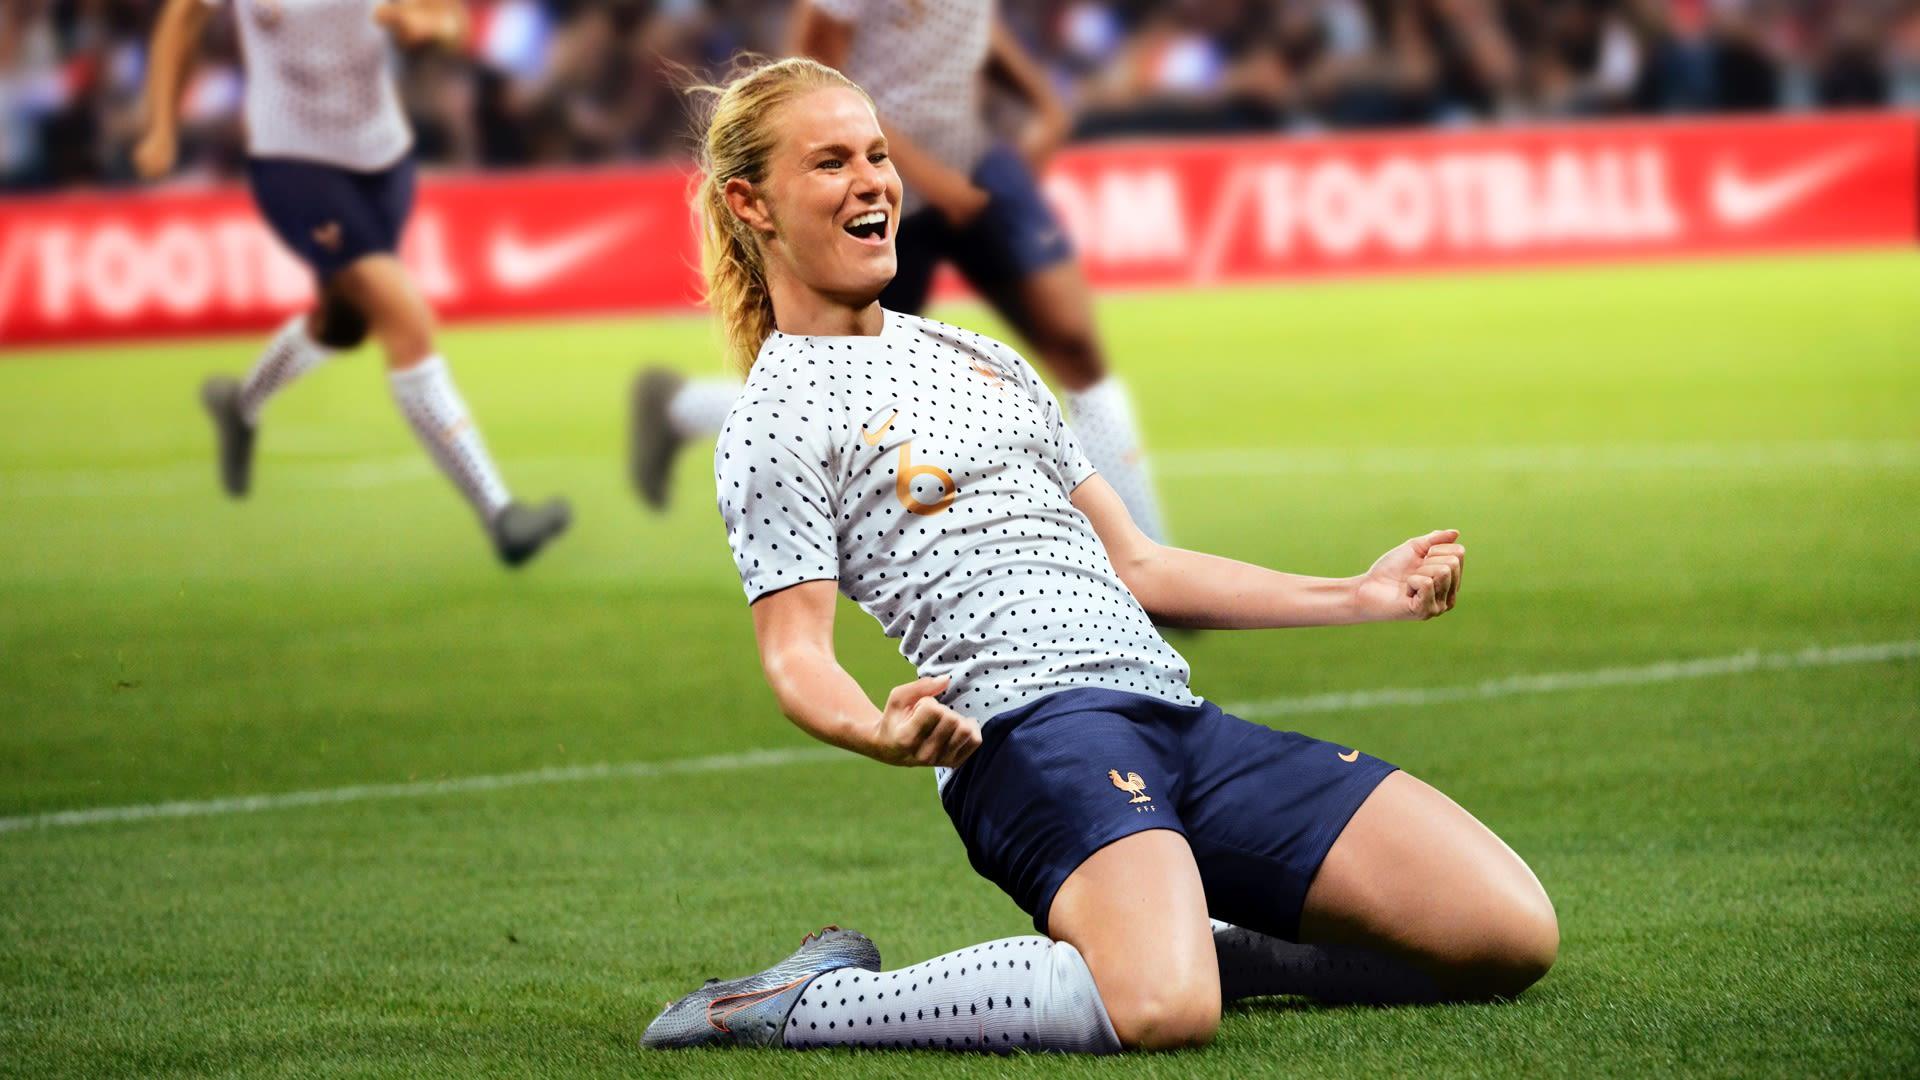 ผลการค้นหารูปภาพสำหรับ france women's national football team